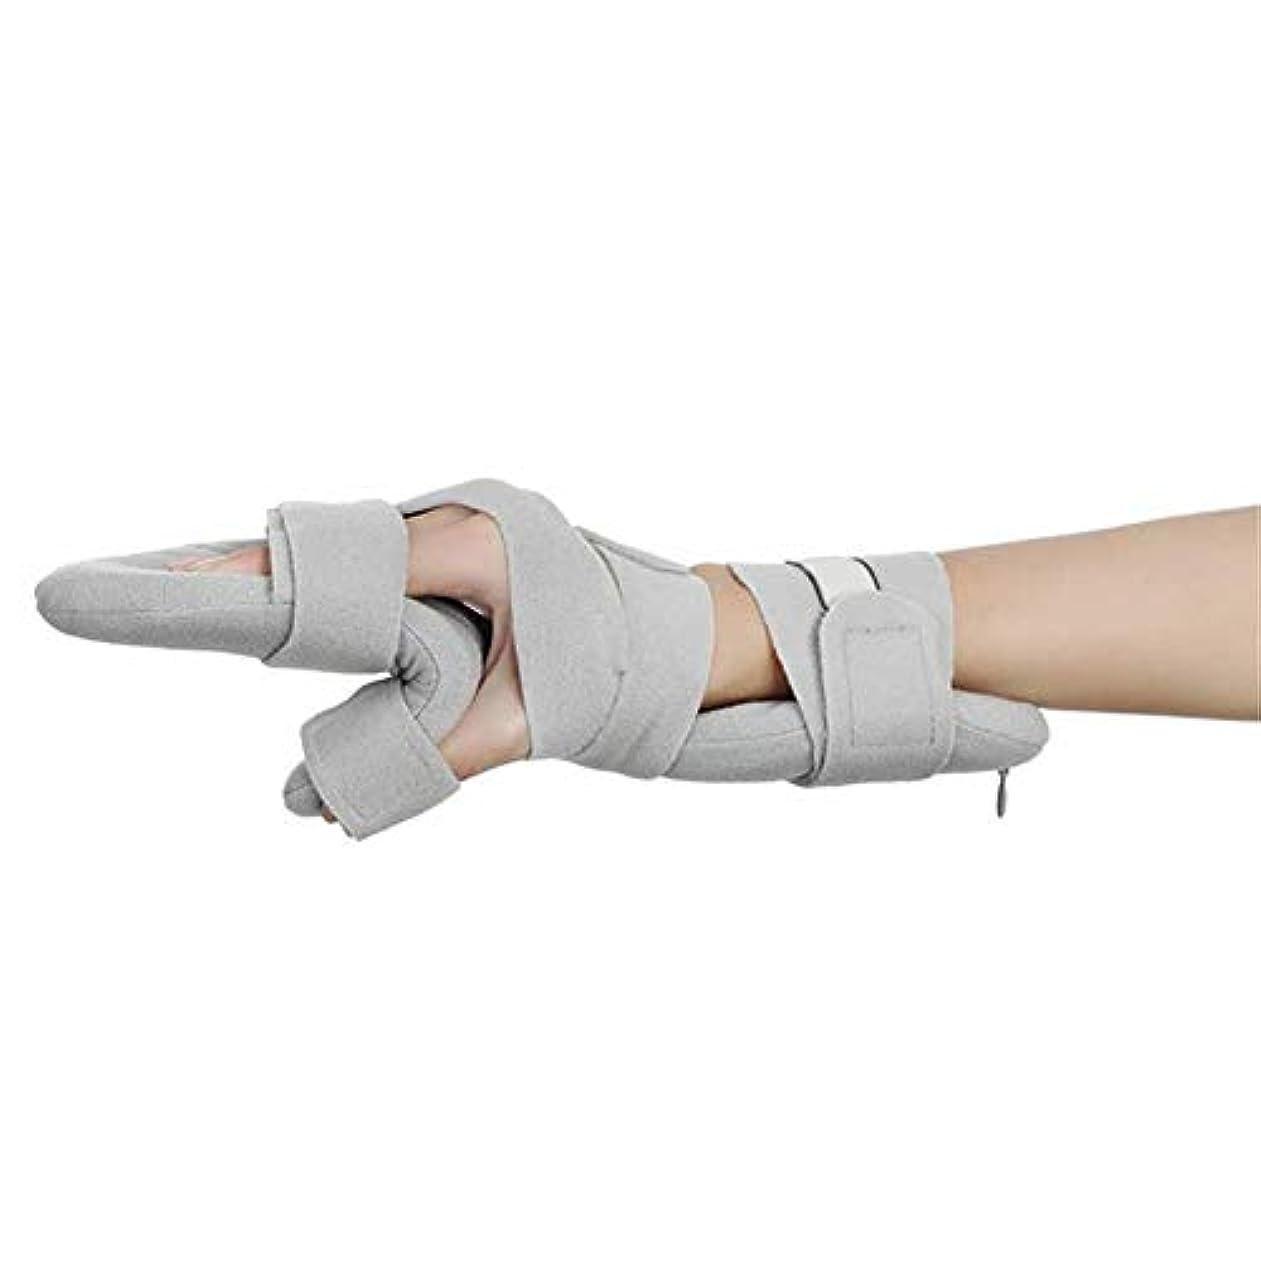 細部壊滅的な発掘指のけいれんや萎縮の柔らかい機能的な安静時の手の副木のための指の装具、両手のサポート多目的調節可能 (Color : Left)